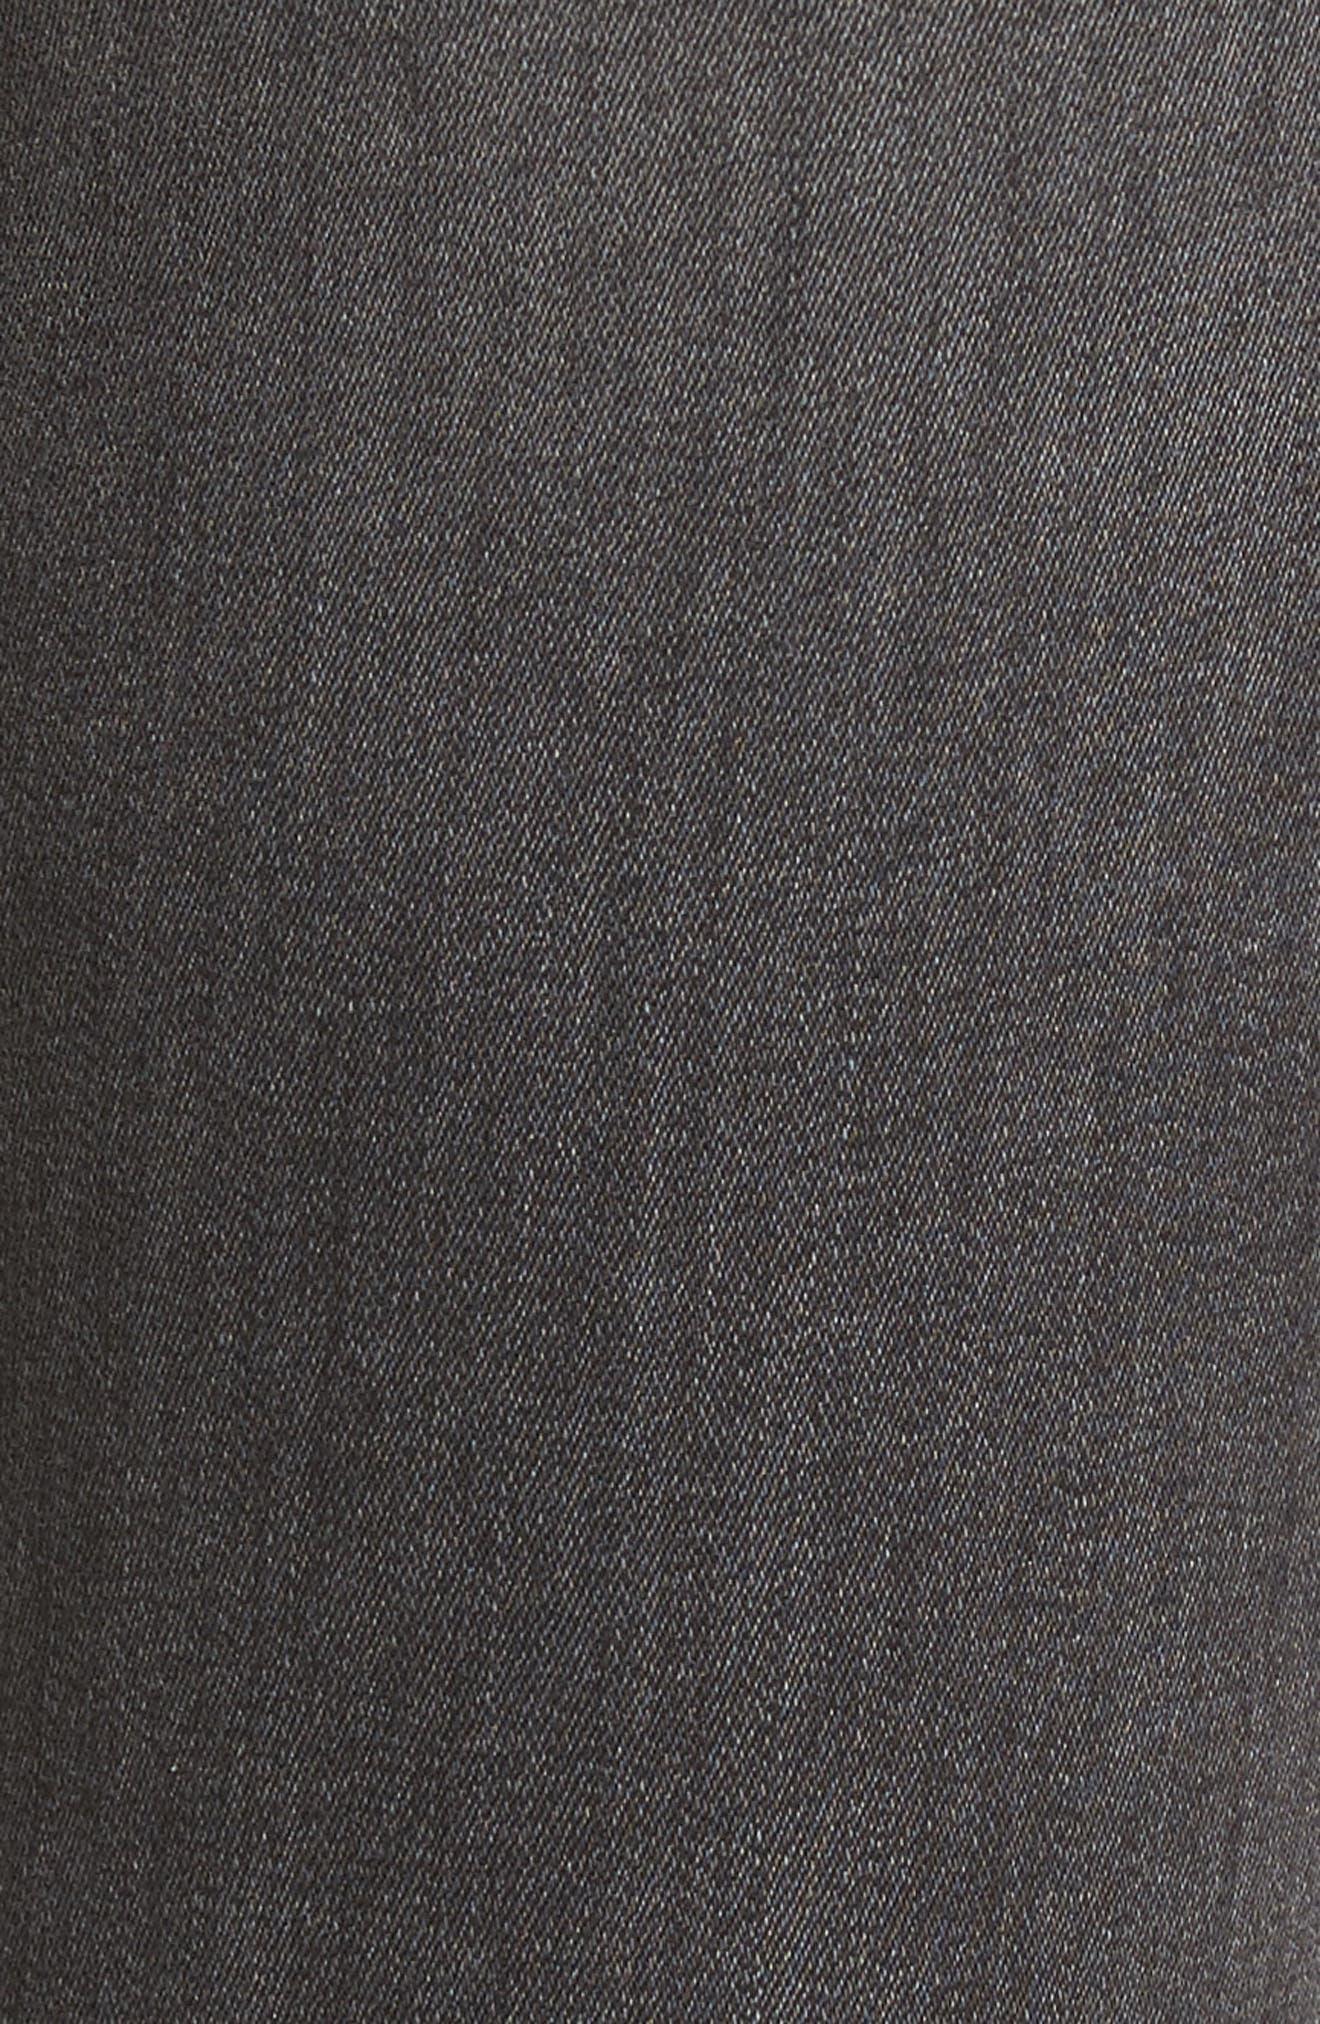 Alternate Image 5  - DL1961 Farrow High Waist Instaslim Skinny Jeans (Whitney)